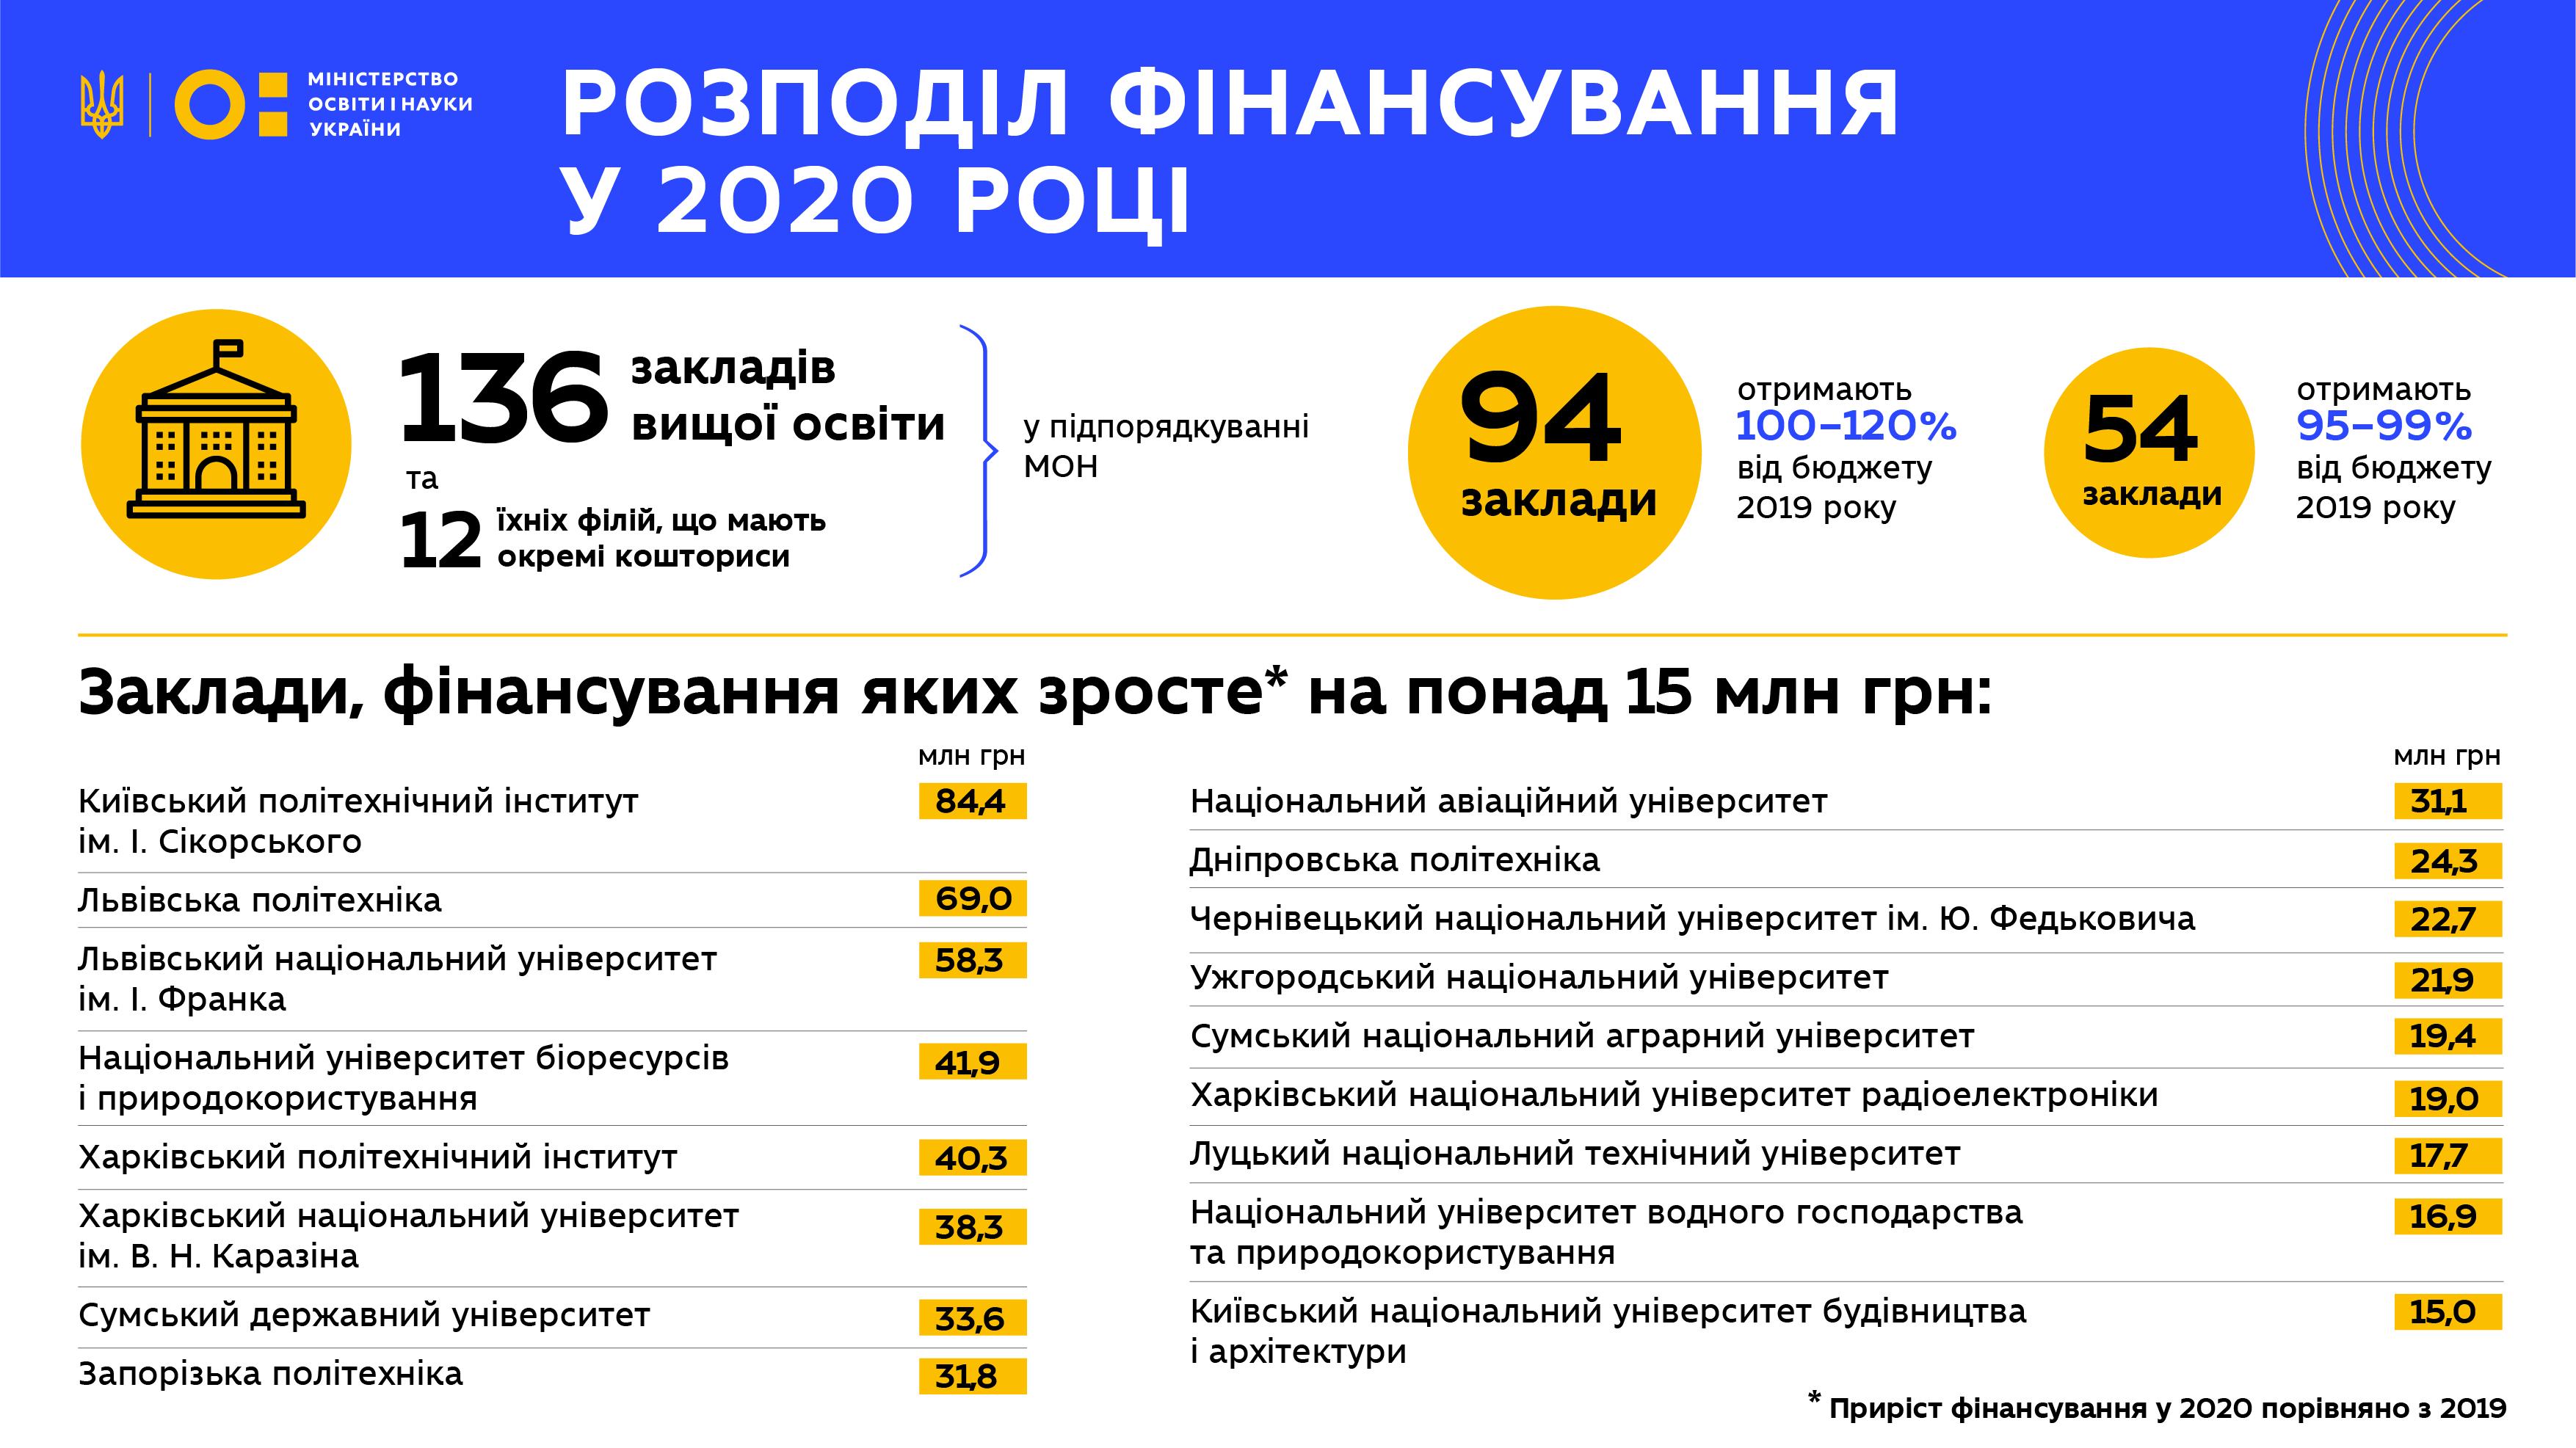 Фінансування унверситетів 2020_2